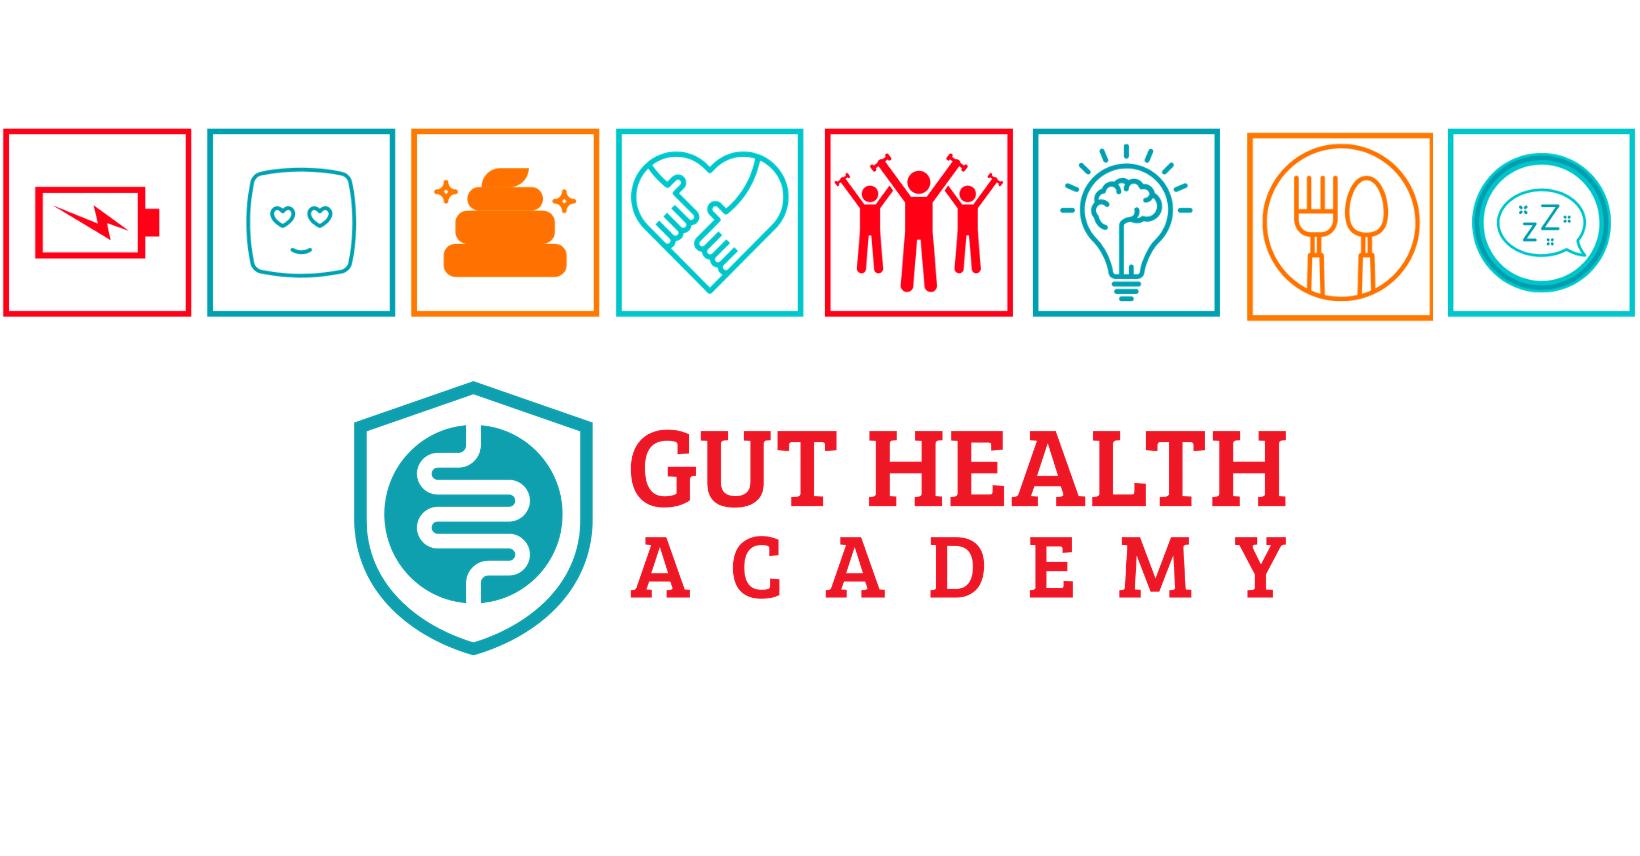 Gut Health Academy